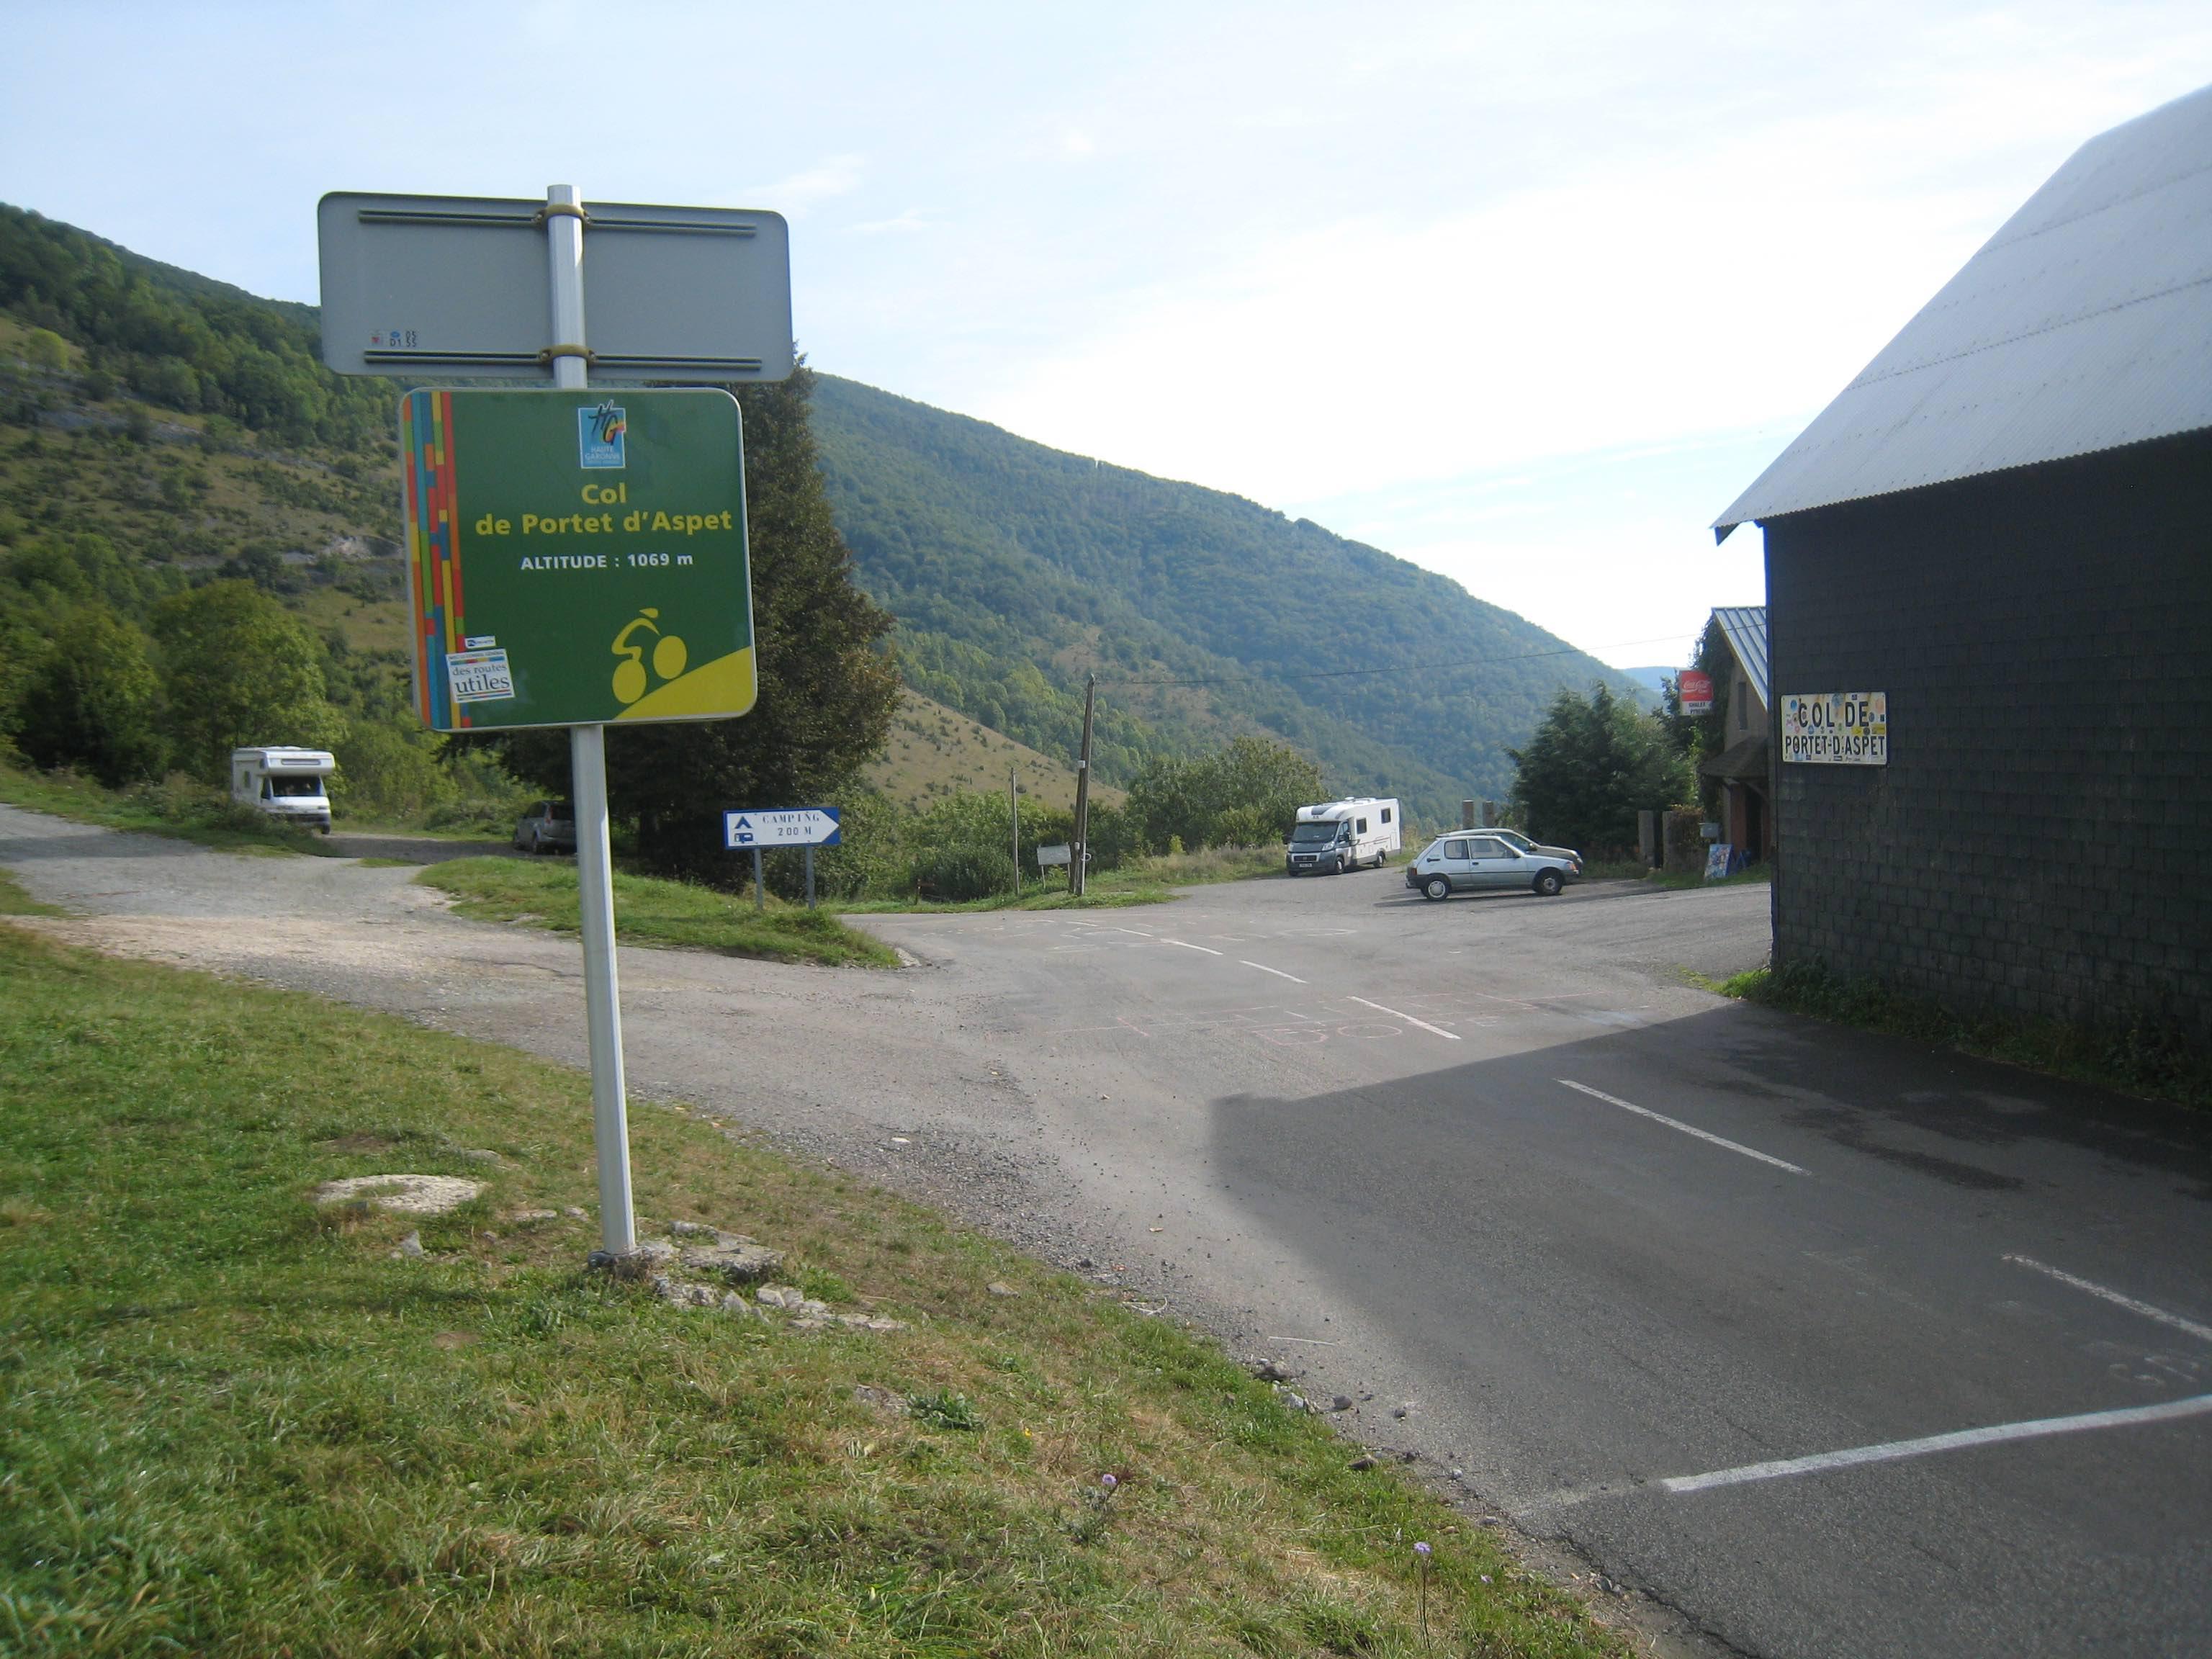 Col du Portet d'Aspet